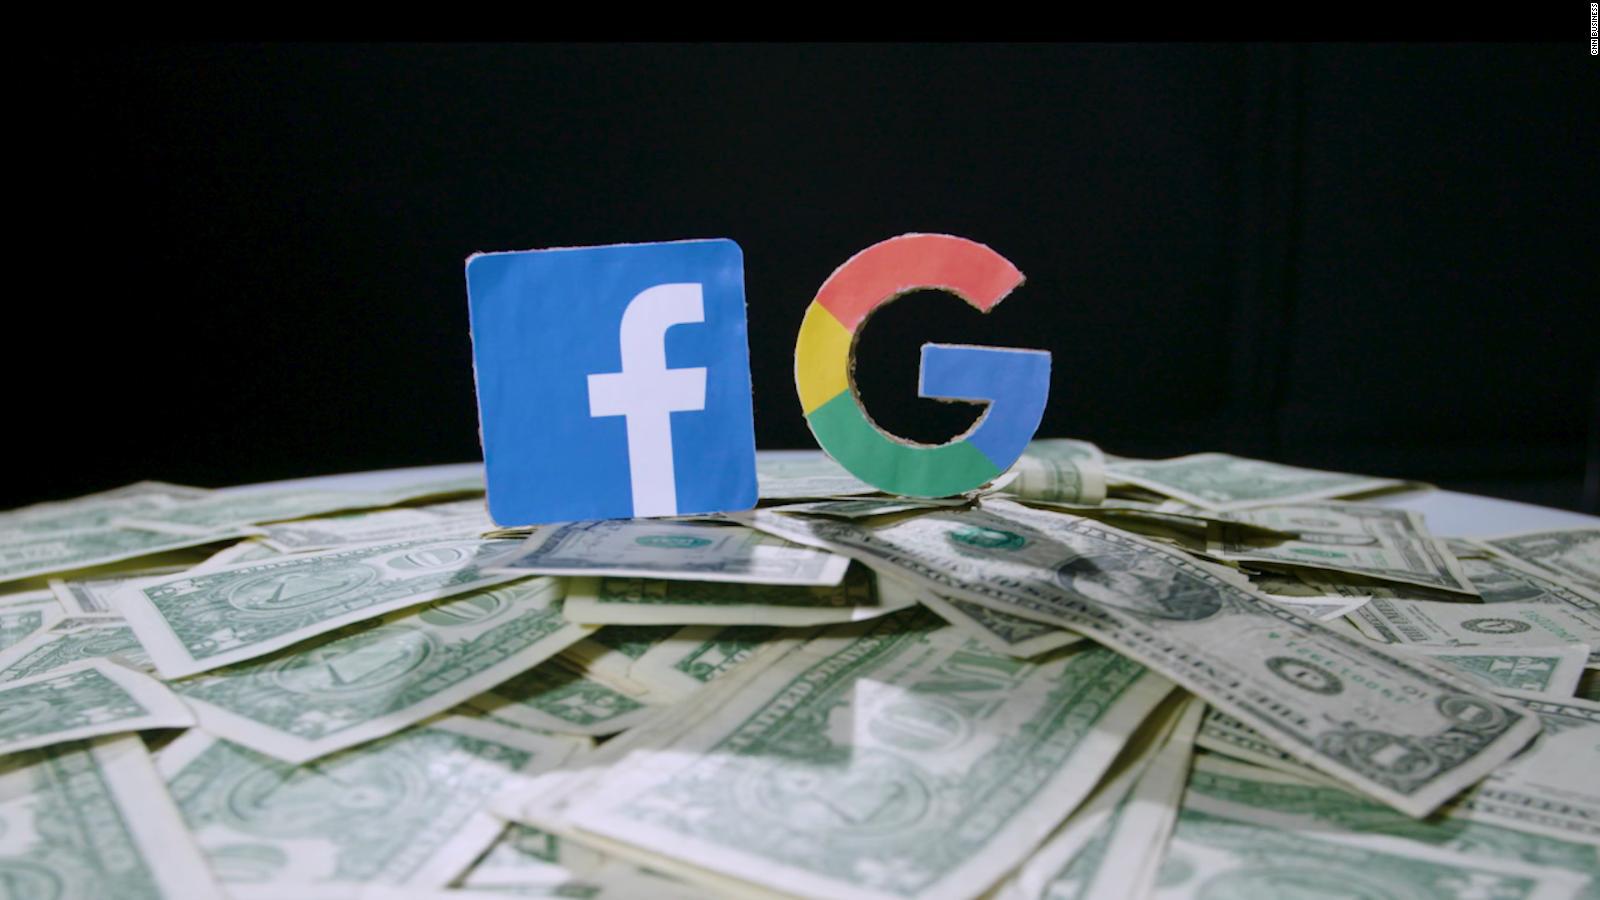 Cuộc chiến Apple - Facebook: Trái bom giữa hồ, miếng bánh 400 tỷ USD, hay đạo đức giả? - Ảnh 15.